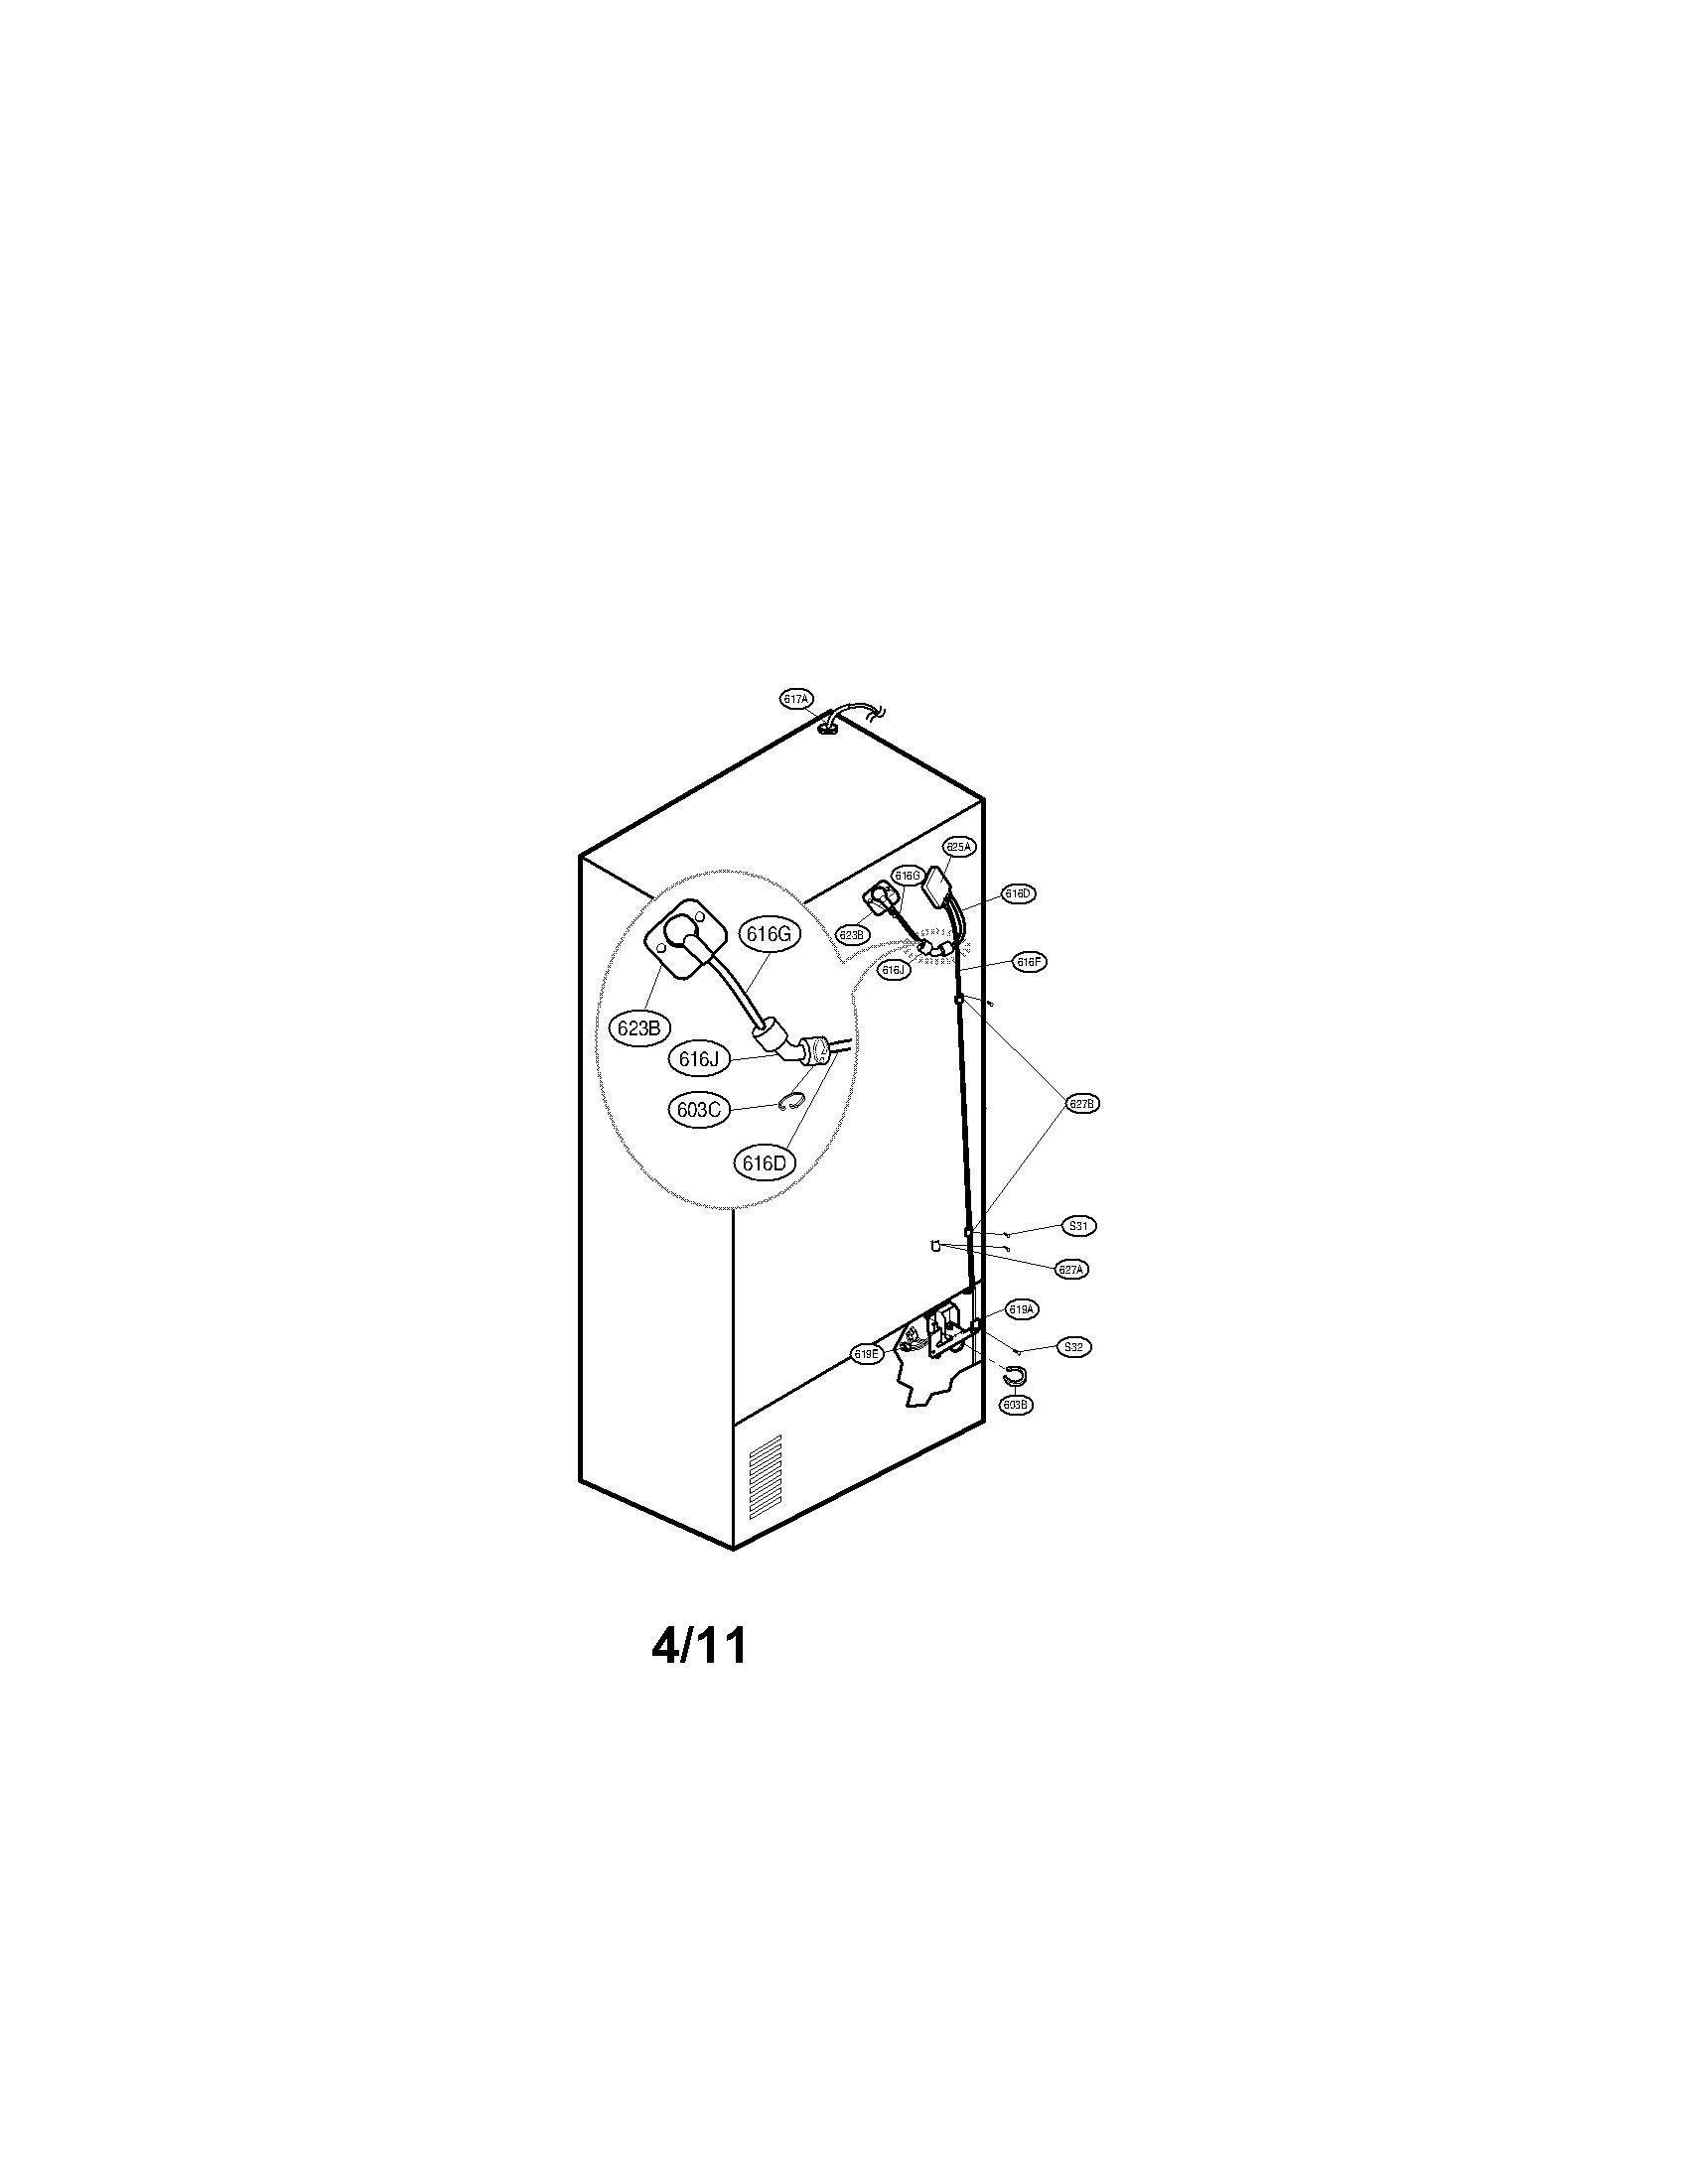 Kenmore 106 Refrigerator Parts Diagram Within Diagram